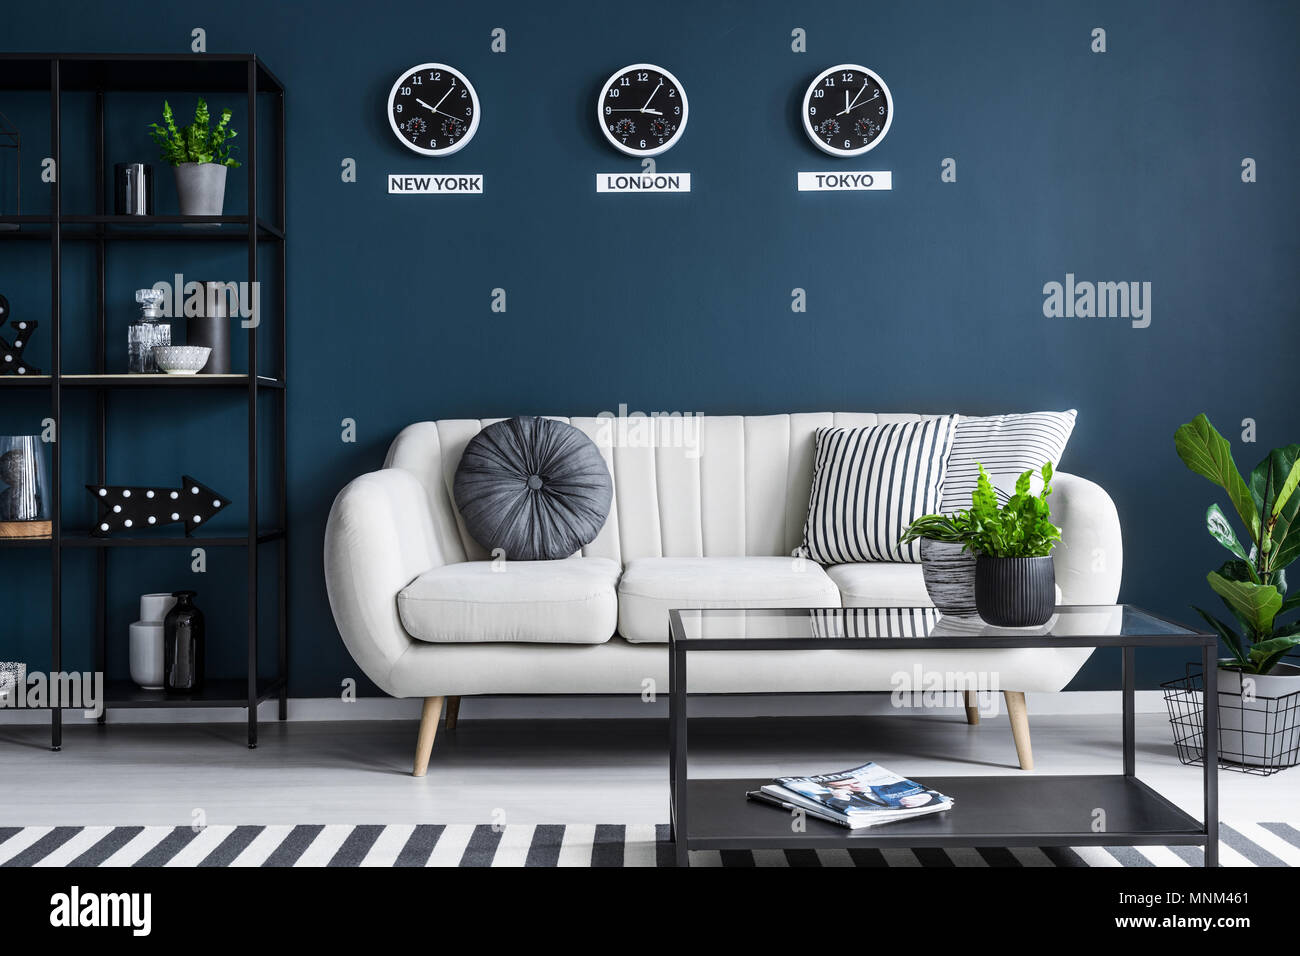 Elegante Beige Sofa In Einem Dunklen, Navy Blue Wohnzimmer Einrichtung Mit  Schwarzen Möbeln Und Stilvolle Einrichtung